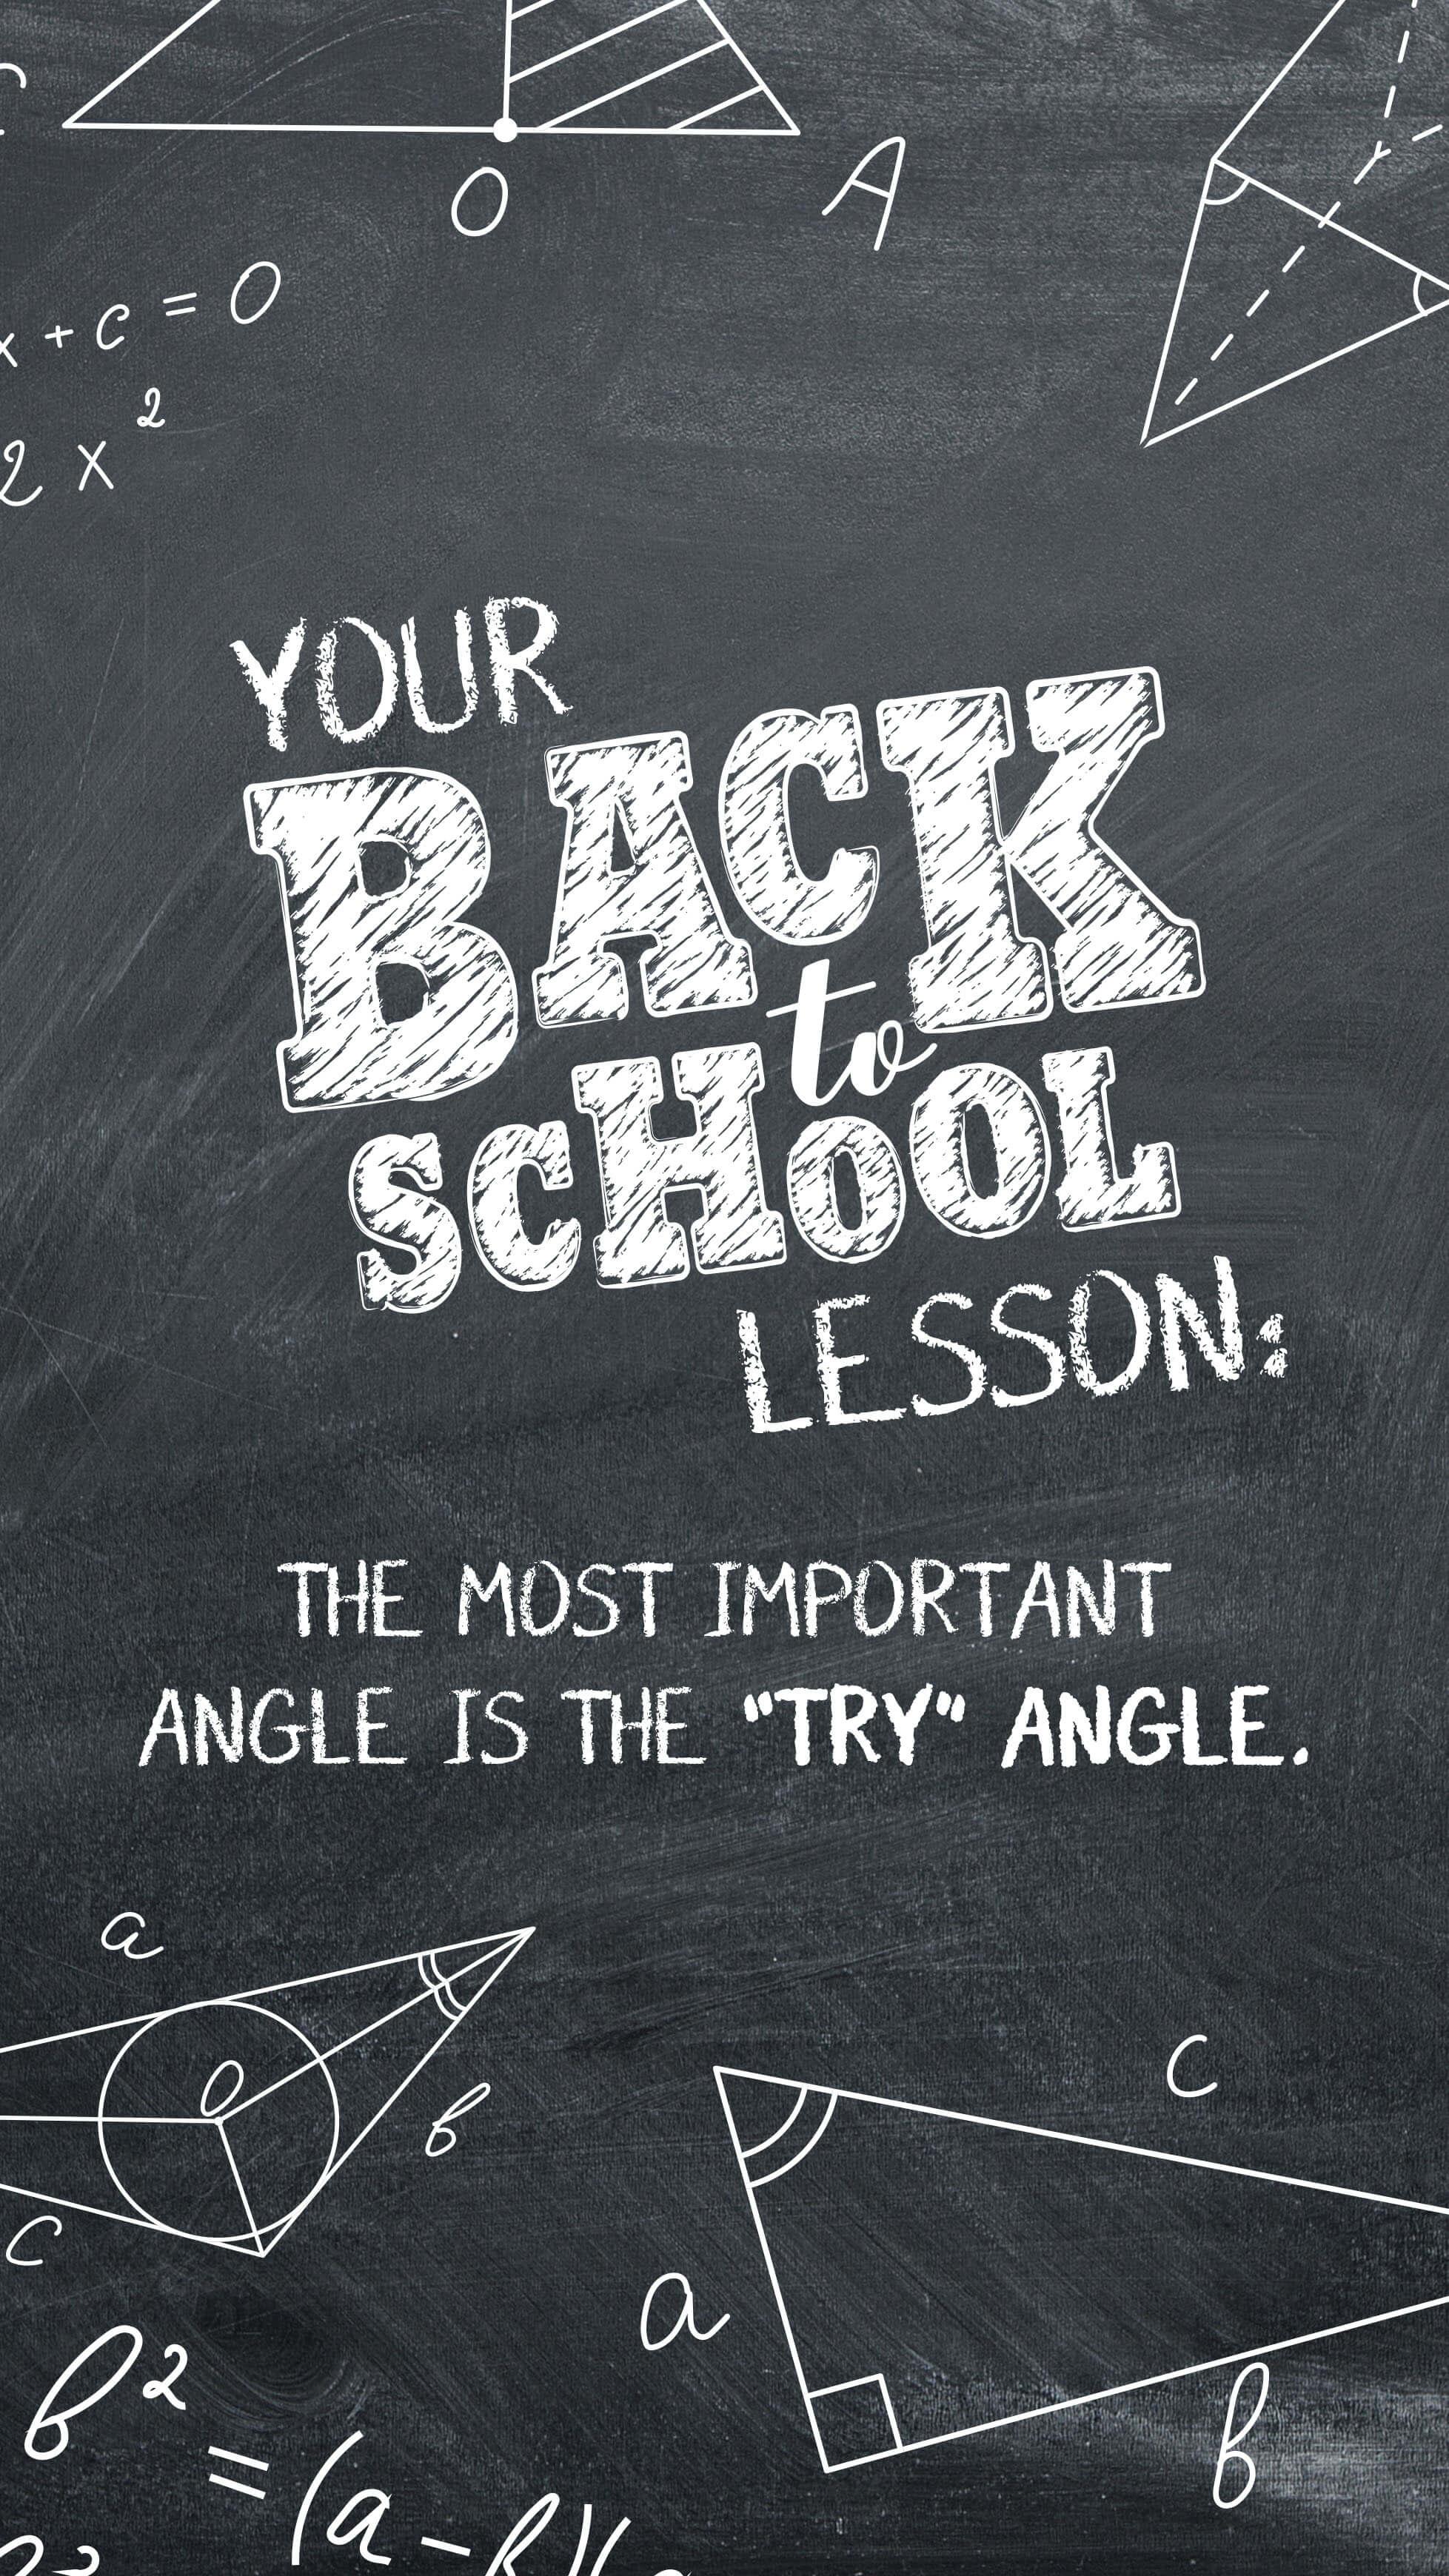 Try Angle II